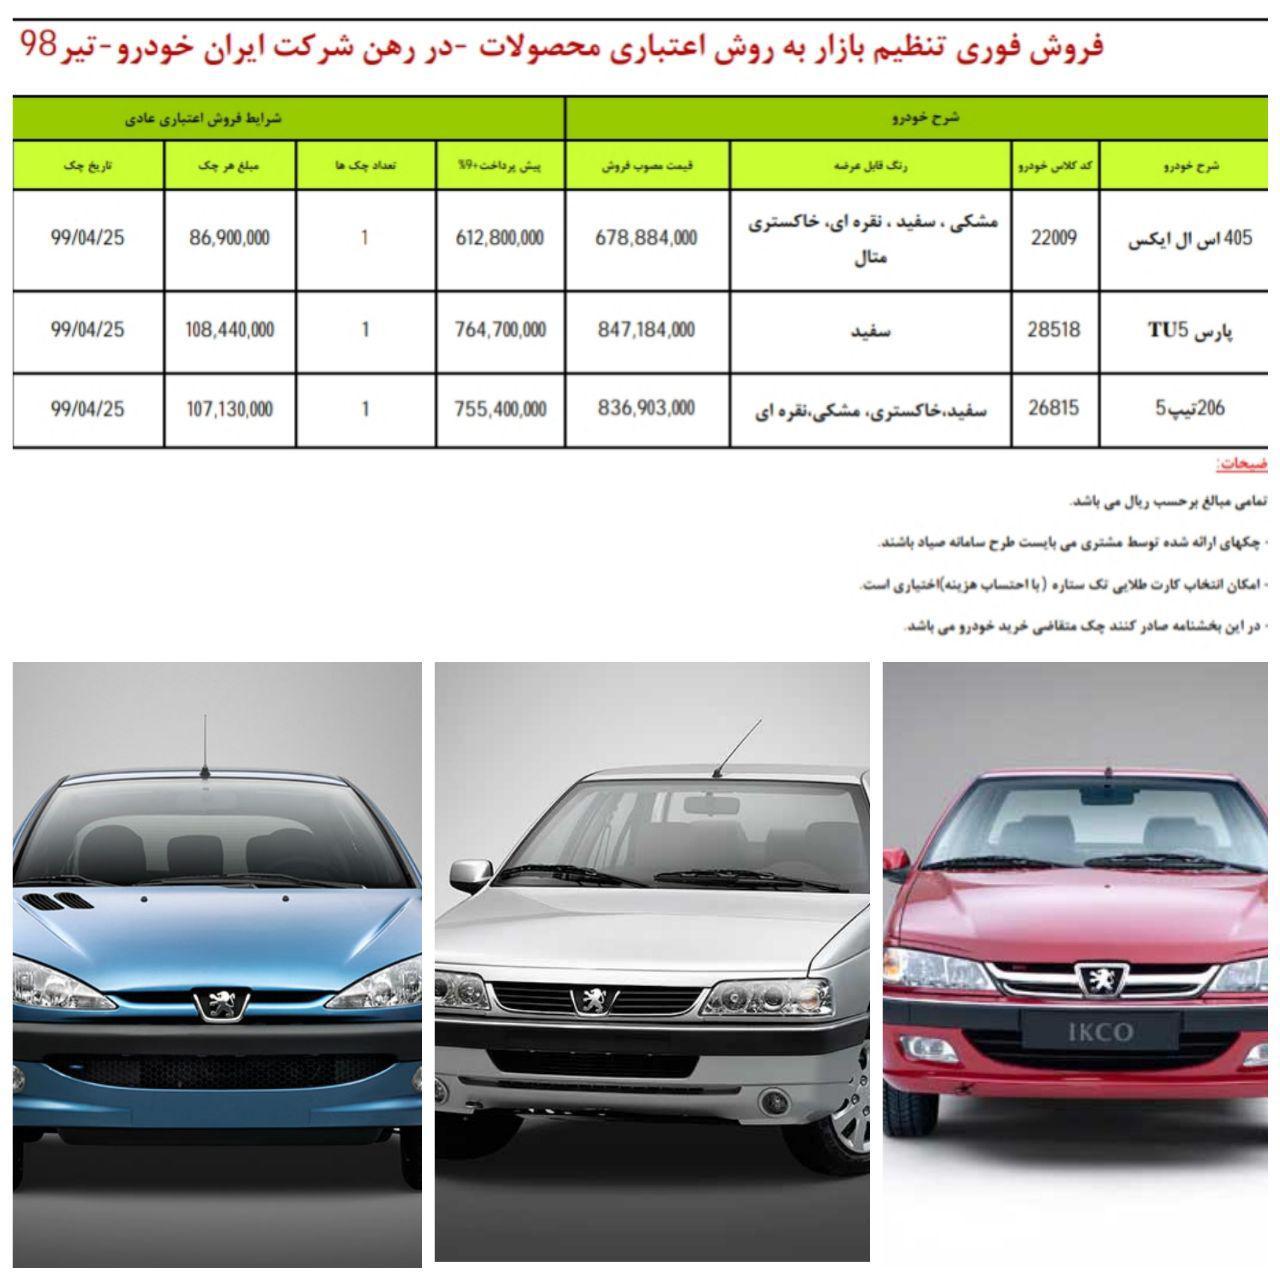 طرح جدید فروش اقساطی 3 محصول ایران خودرو ویژه 26  تیر98/ پژو 206 تیپ 5 هم به طرح فروش فوری آمد (+جدول و جزئیات)